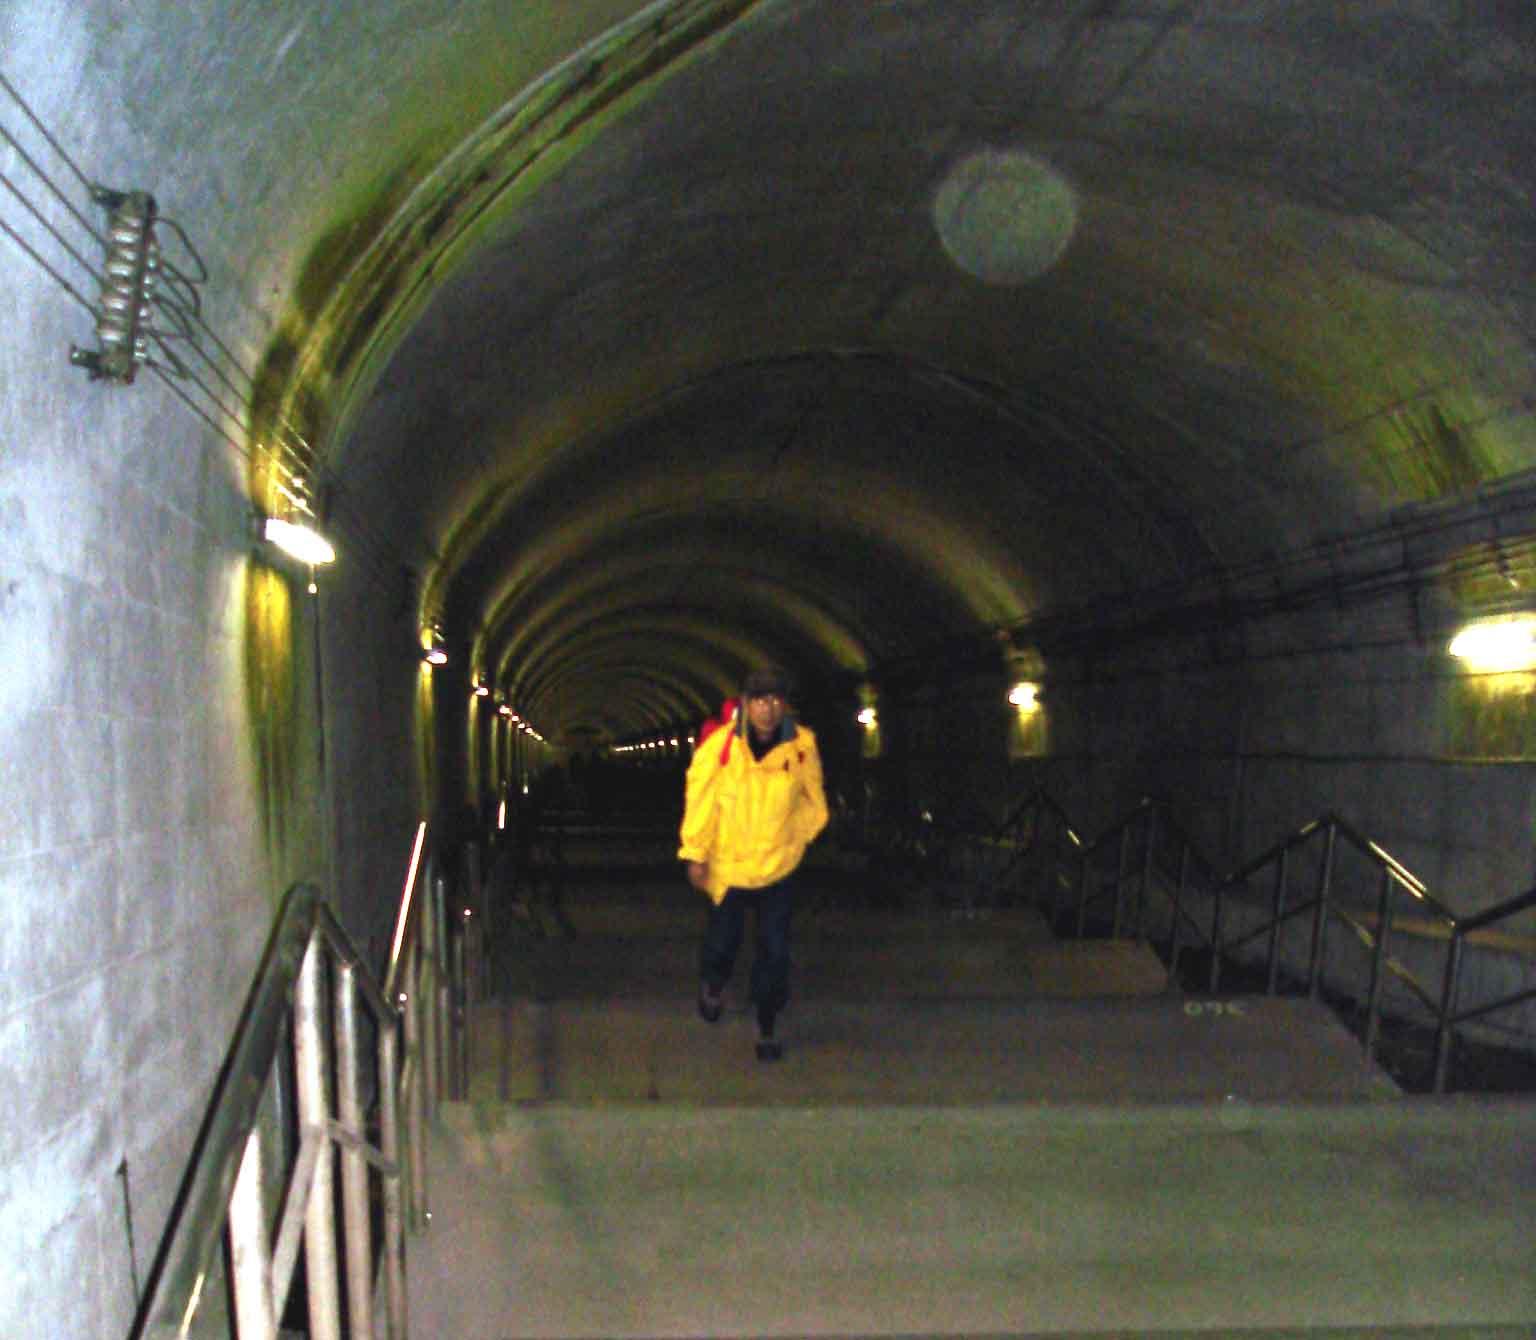 土合地下駅の階段を登ってくる奥田さん